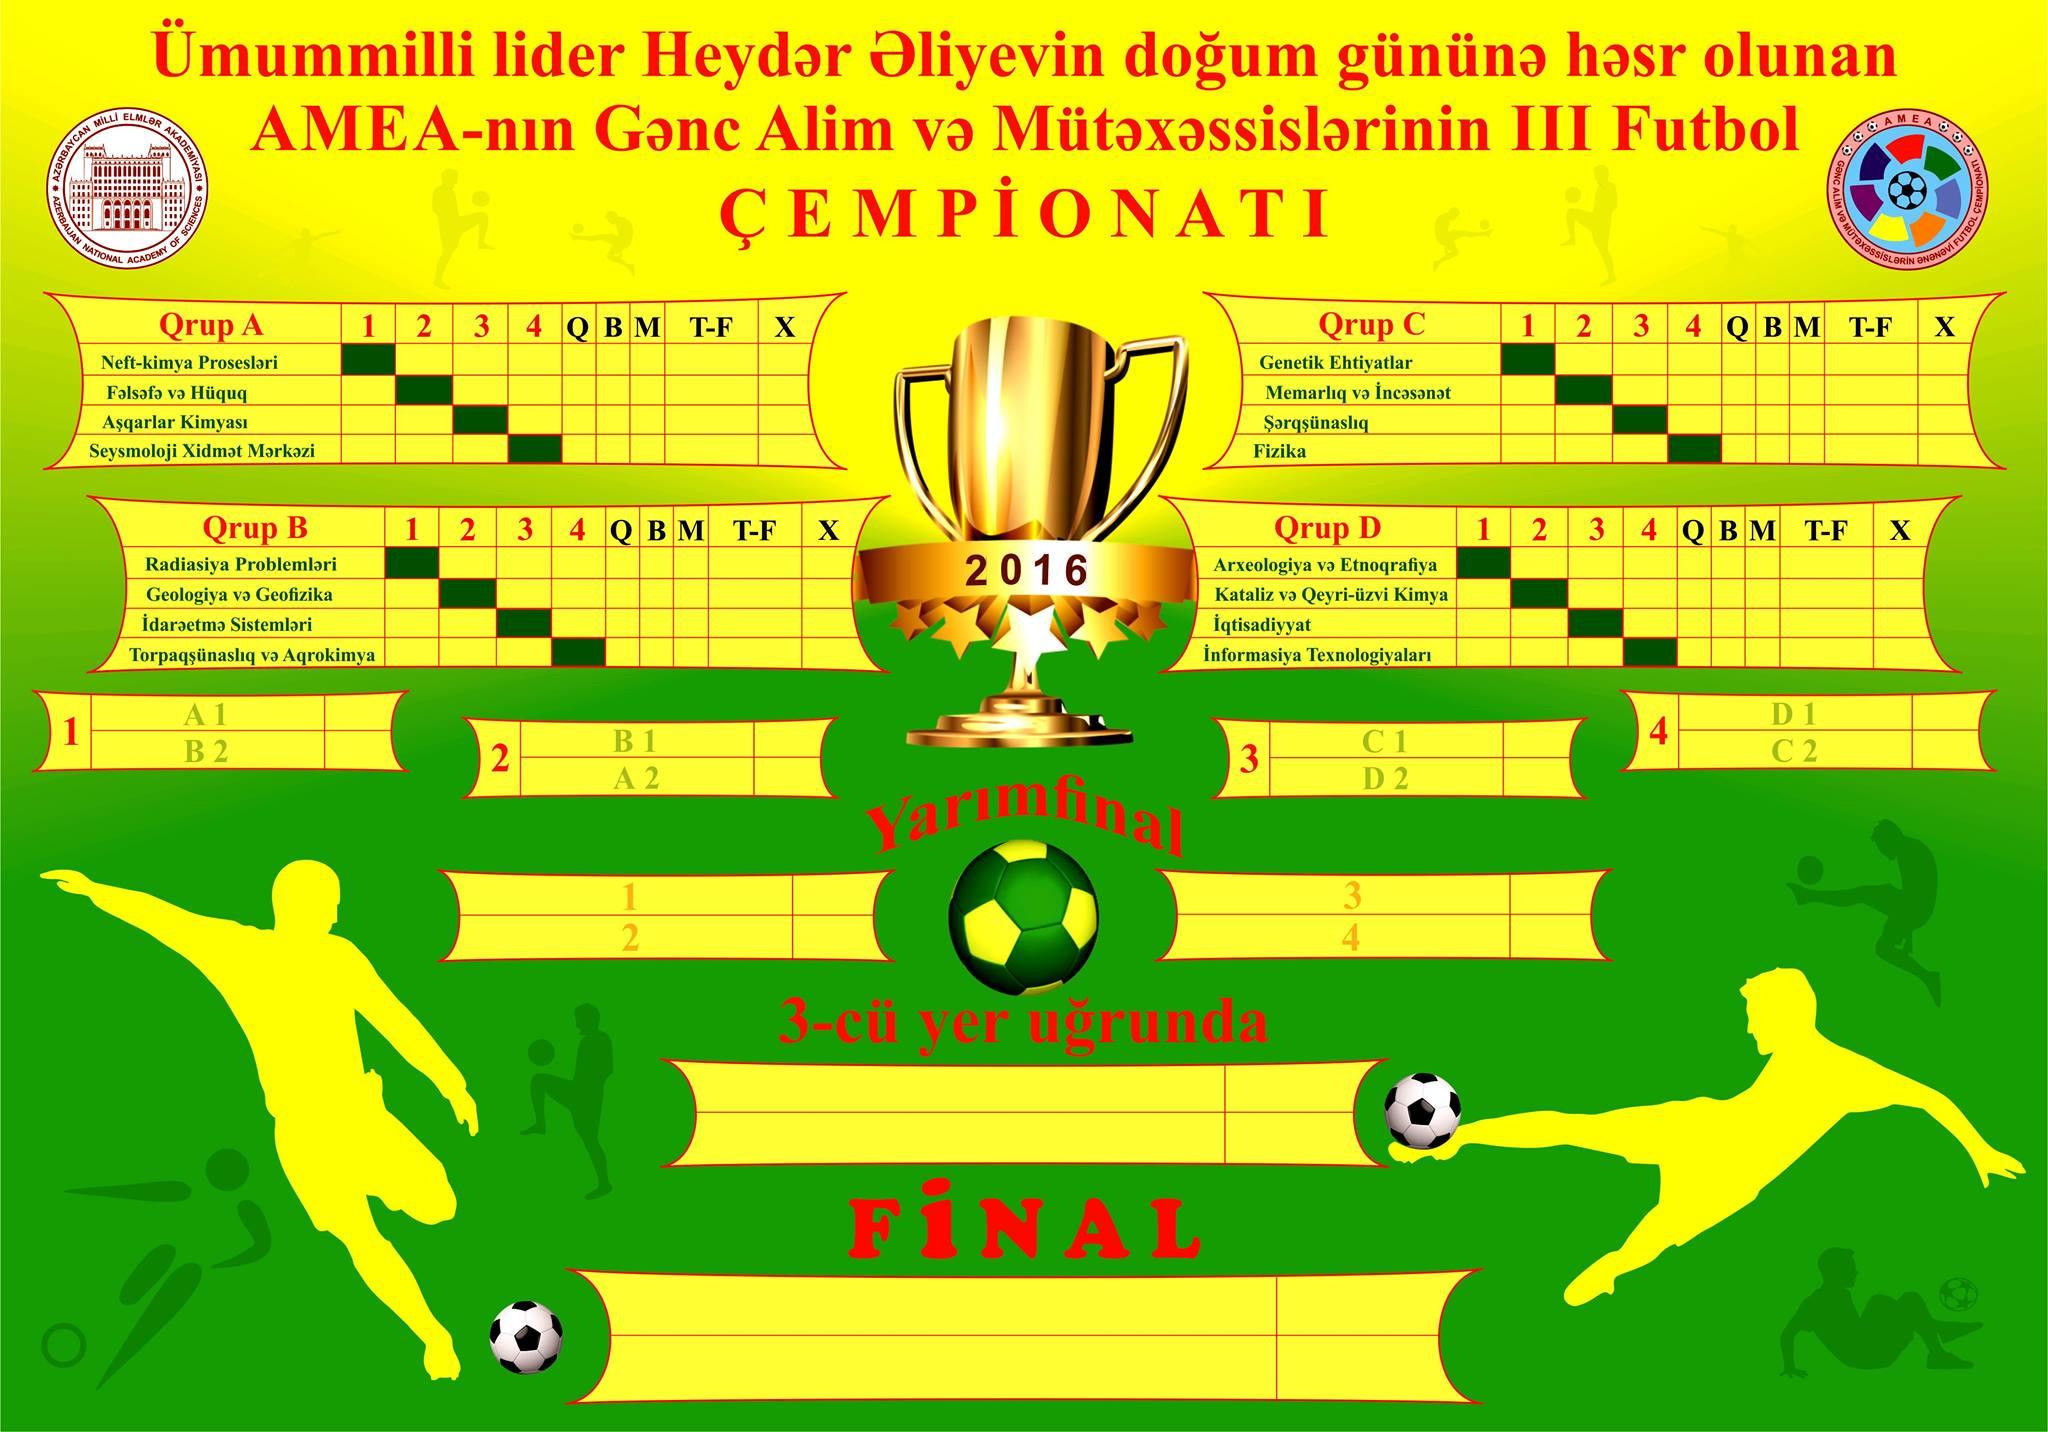 Gənc Alim və Mütəxəssislərin III Futbol Çempionatında günün bütün qrup oyunları baş tutub